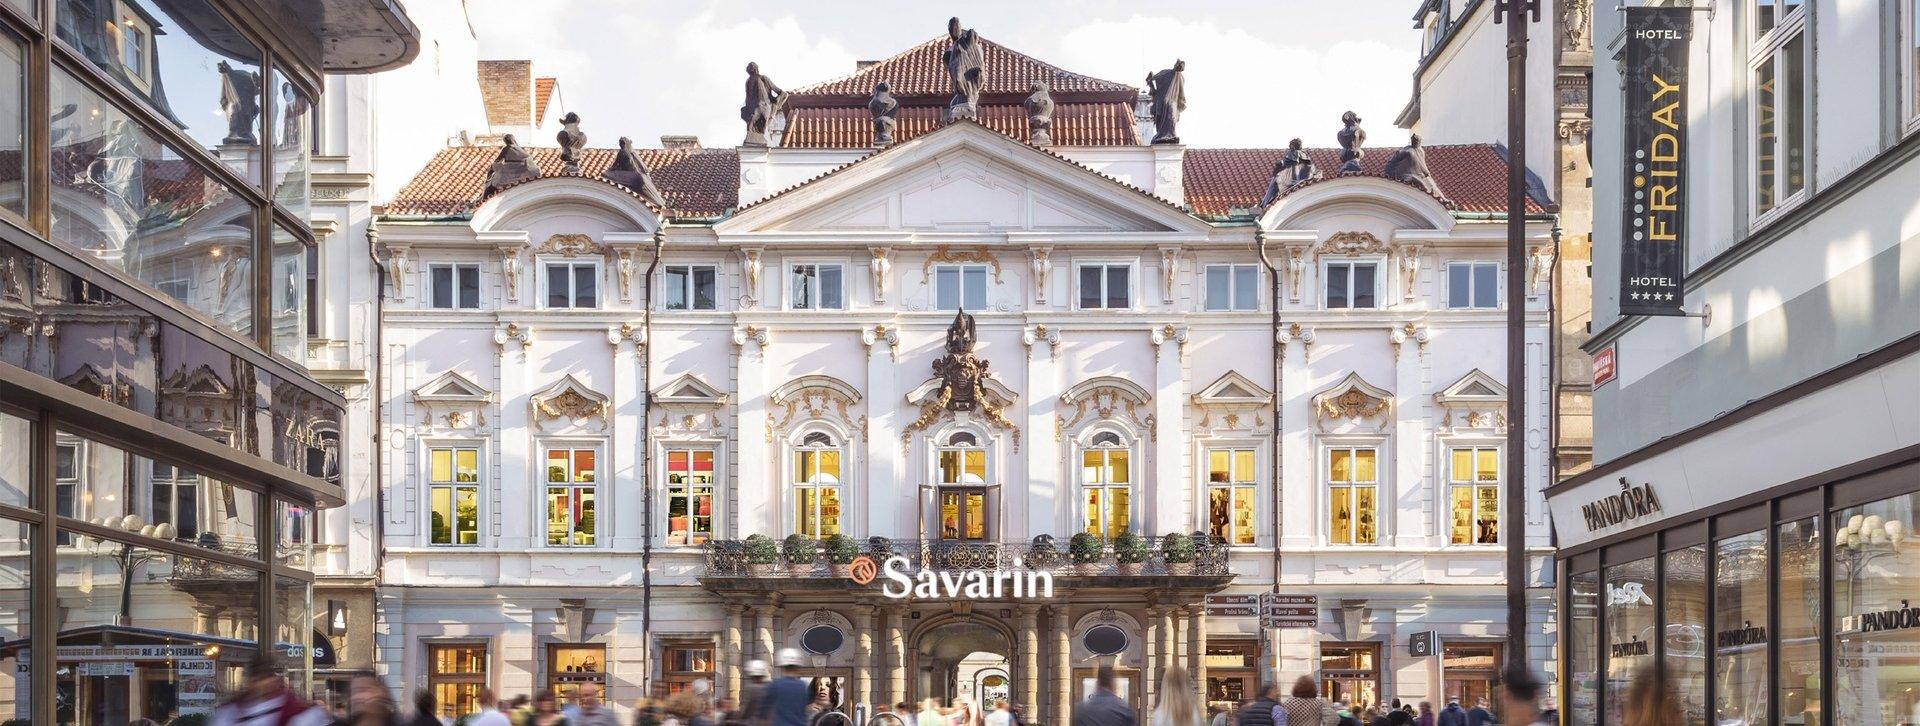 Savarin_01